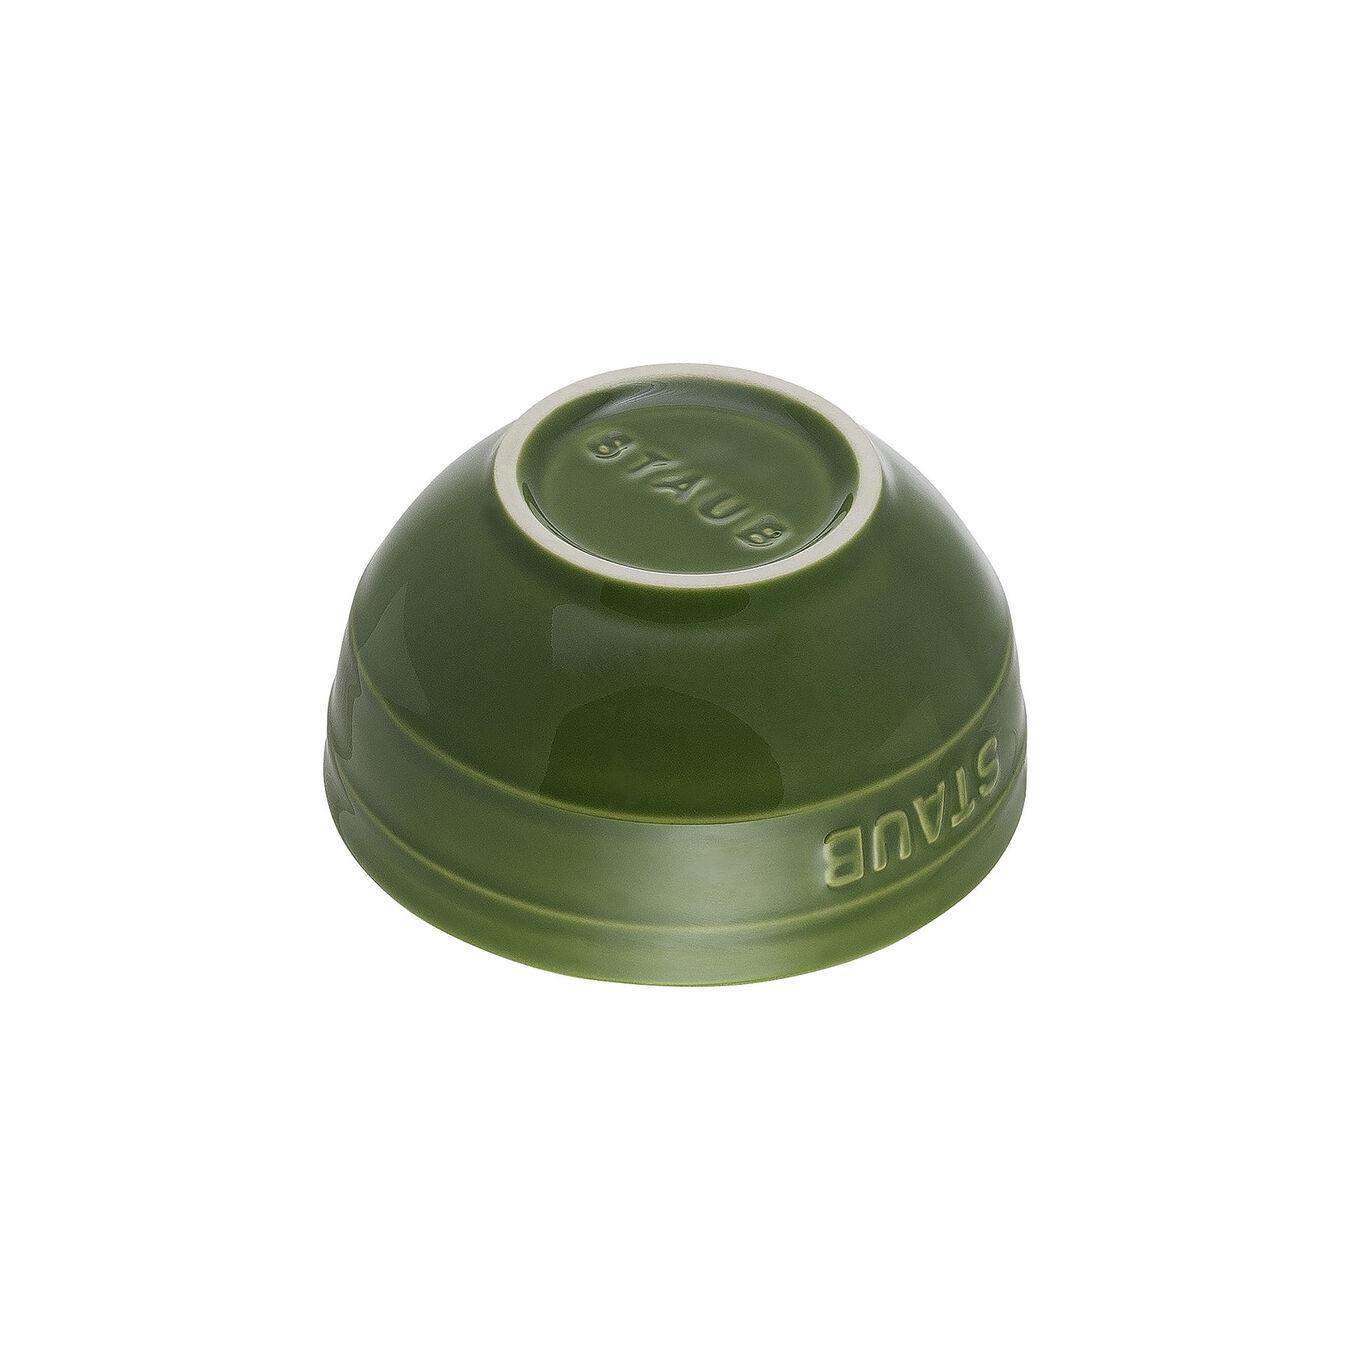 Bowl 17 cm, Cerâmica, verde basil,,large 2